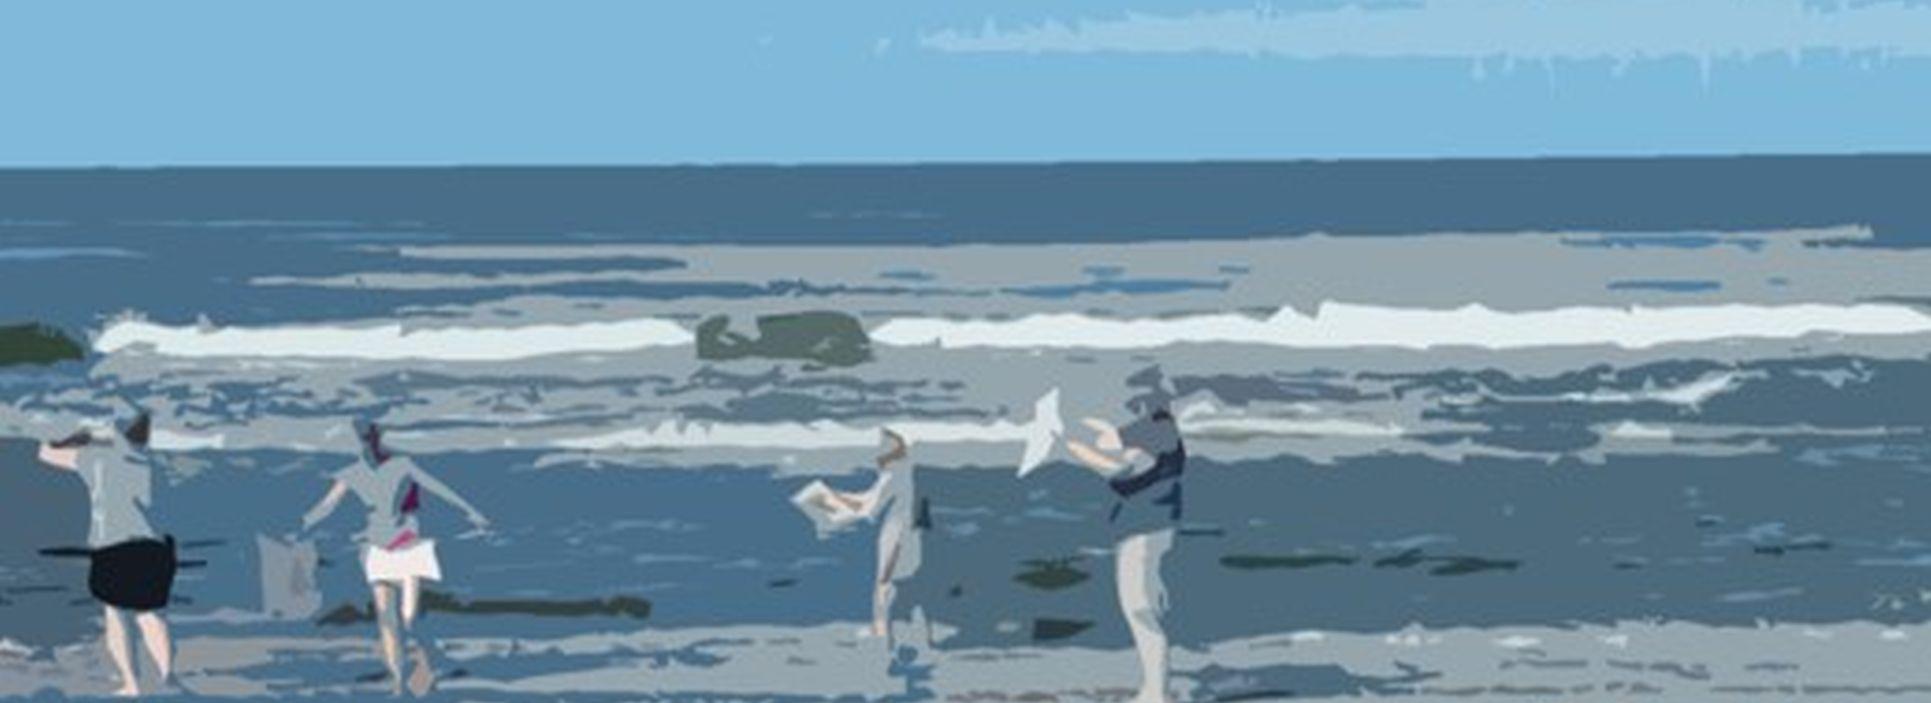 Kreative mini-ferier-Kreative dage ved Vesterhavet